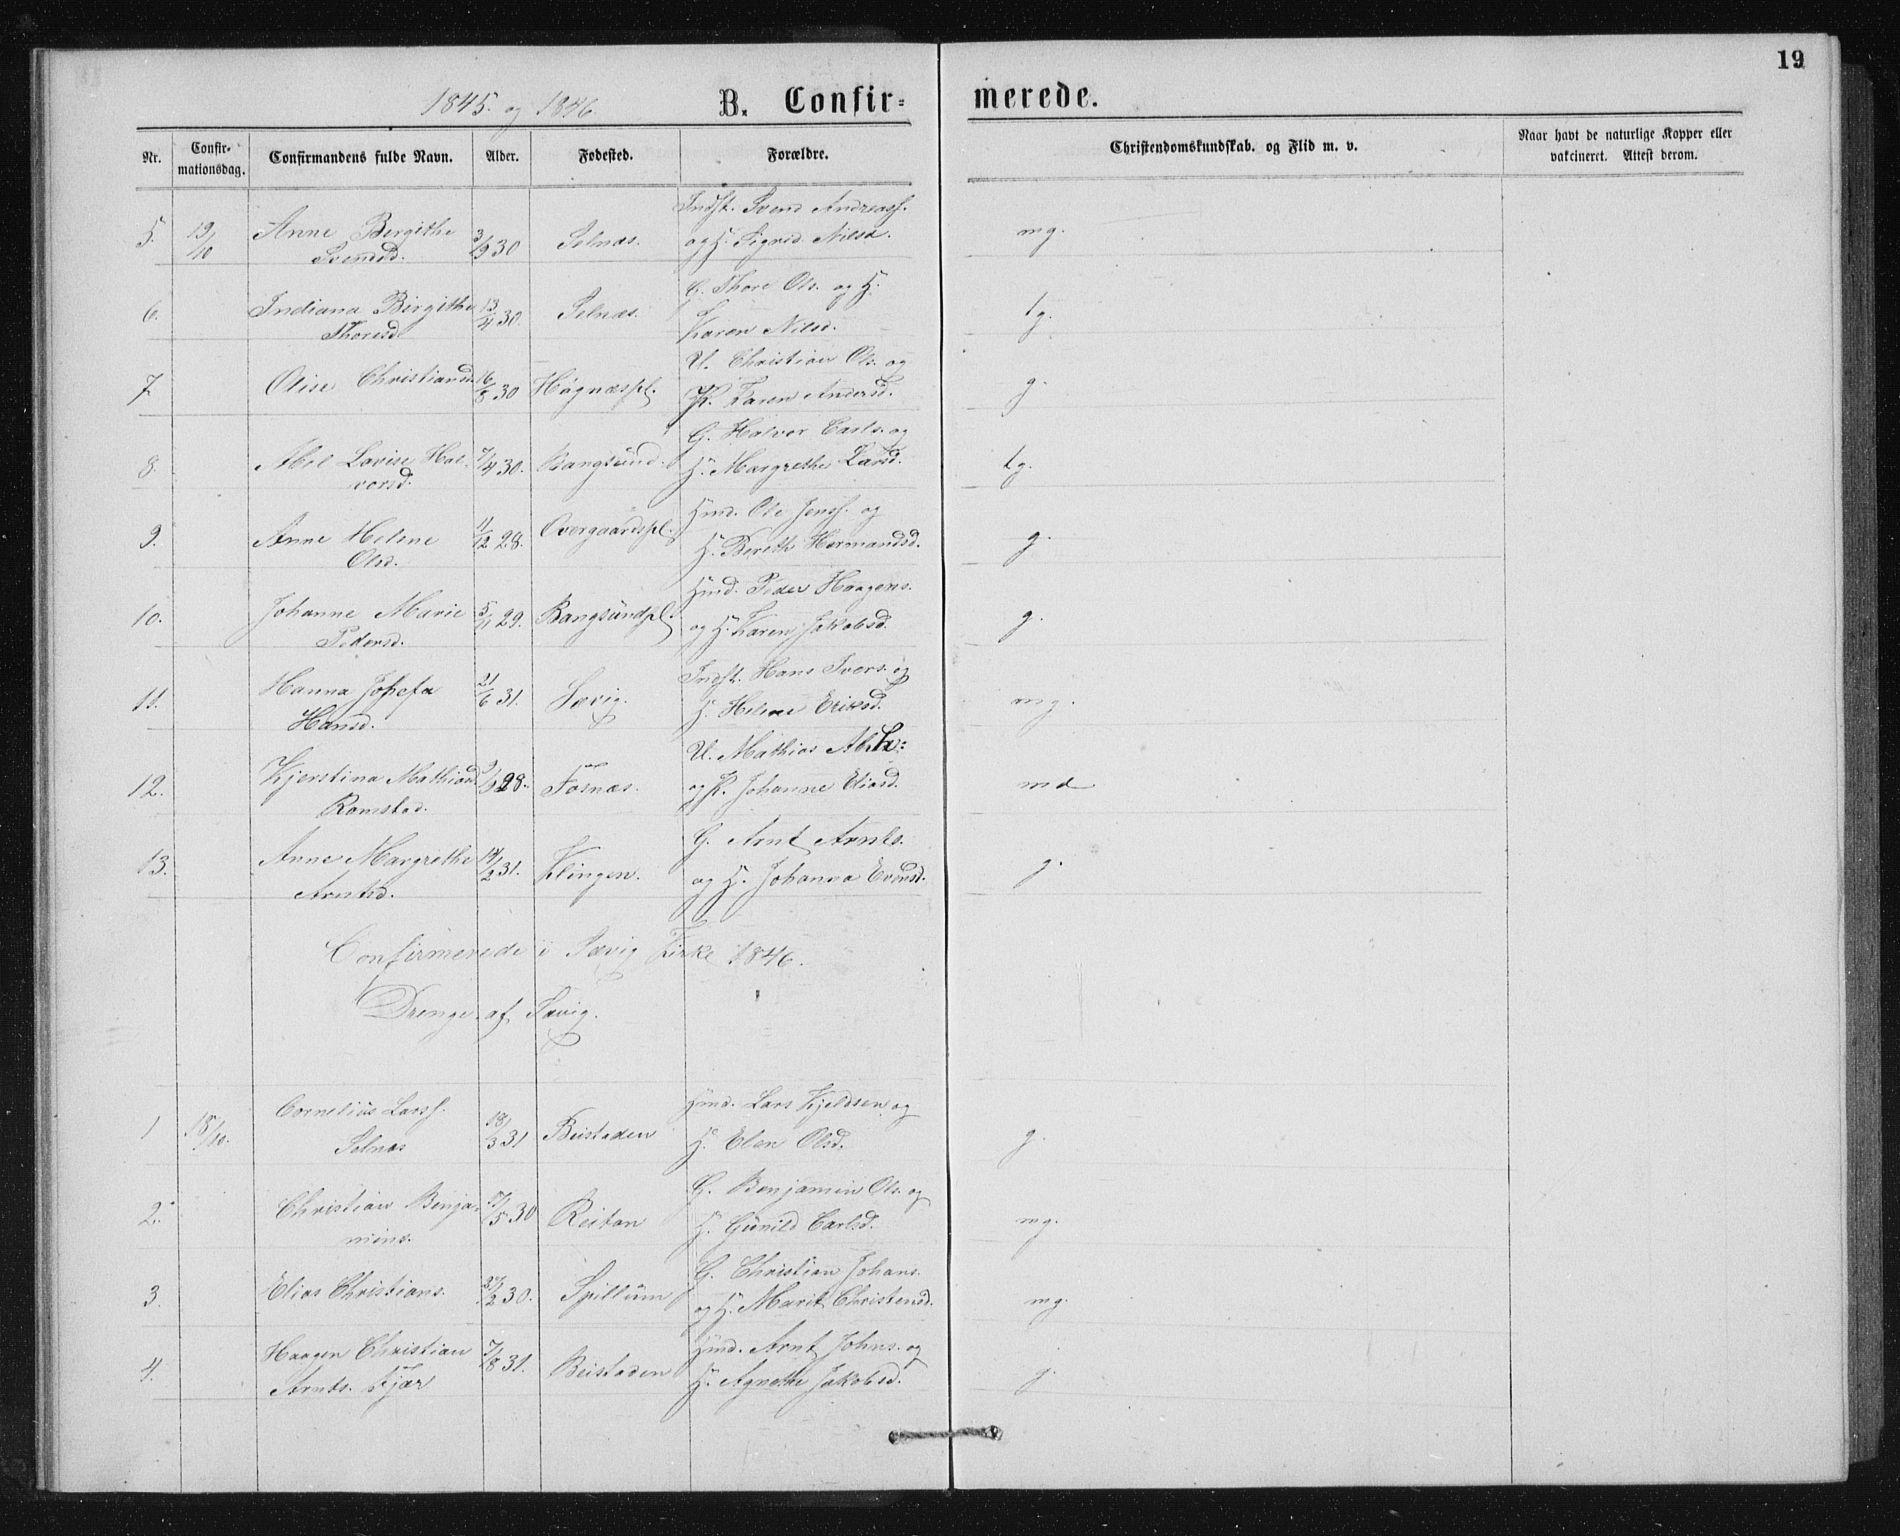 SAT, Ministerialprotokoller, klokkerbøker og fødselsregistre - Nord-Trøndelag, 768/L0567: Ministerialbok nr. 768A02, 1837-1865, s. 19